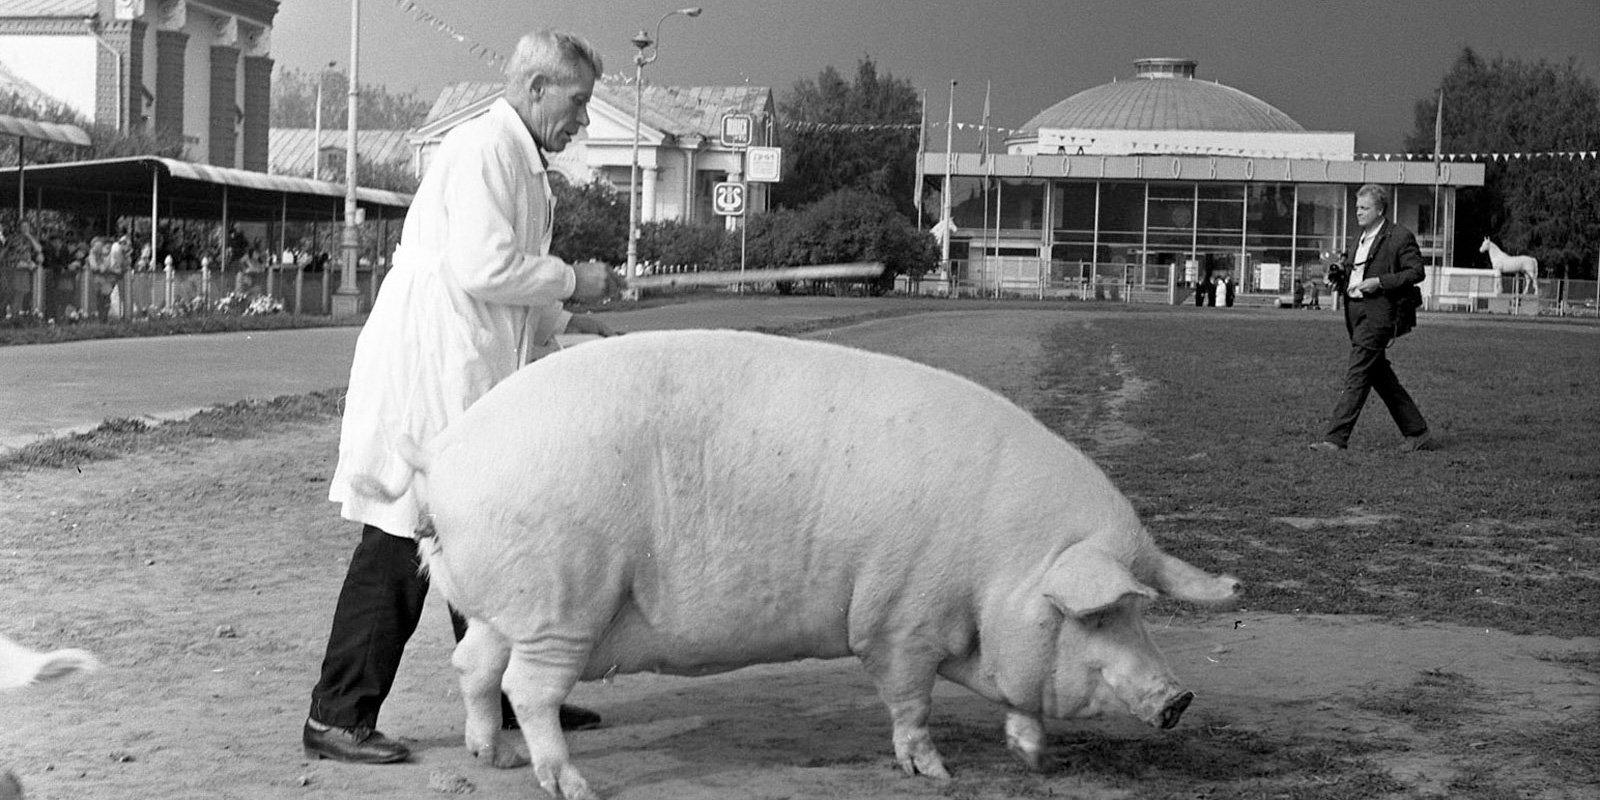 Показ свиней. 1972 год. Пресс-служба ВДНХ